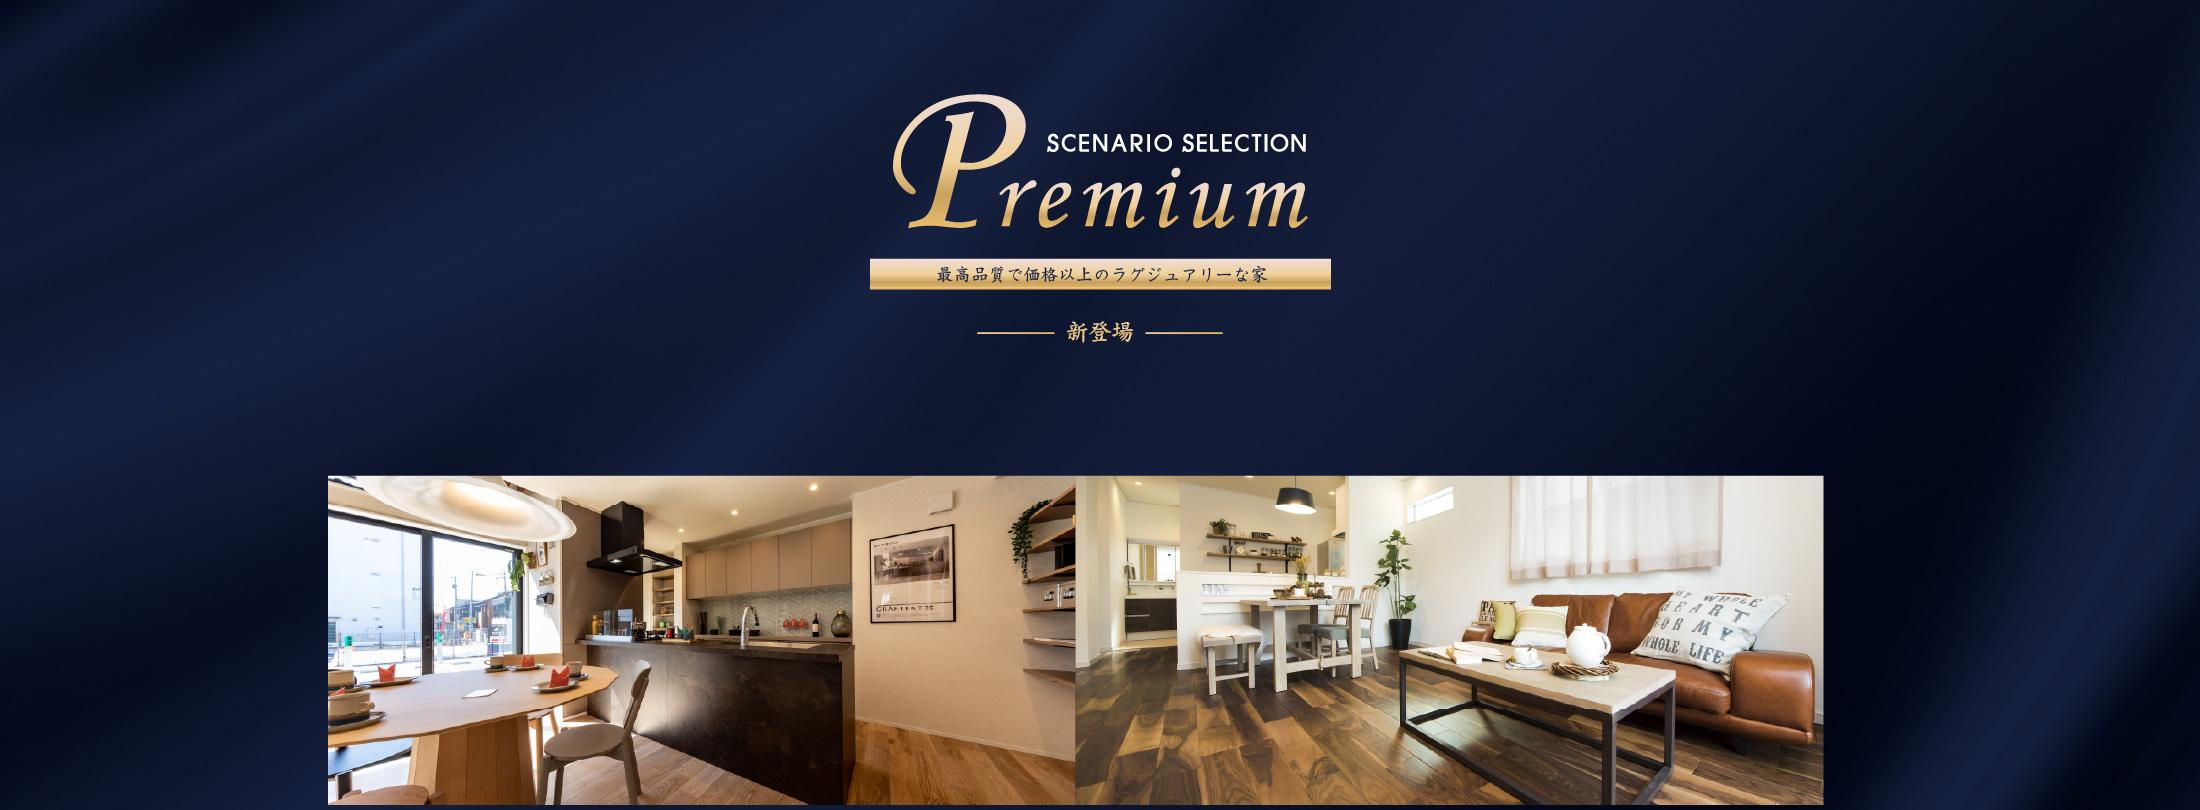 セナリオセレクション-プレミアム-最高品質で価格以上のラグジュアリーな家